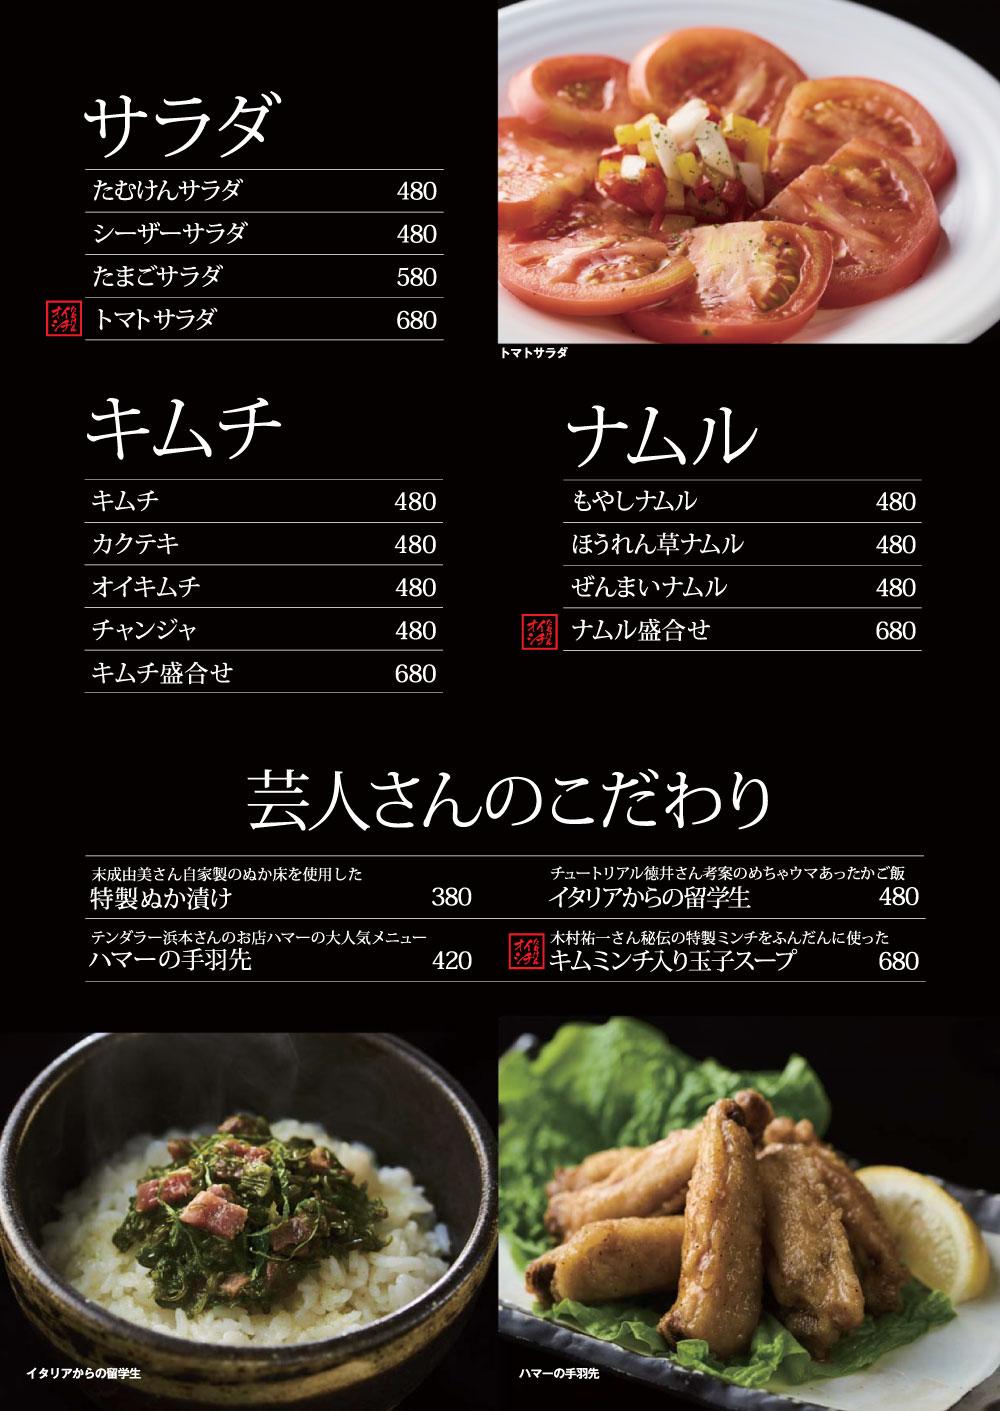 サラダ・キムチ・ナムルメニュー